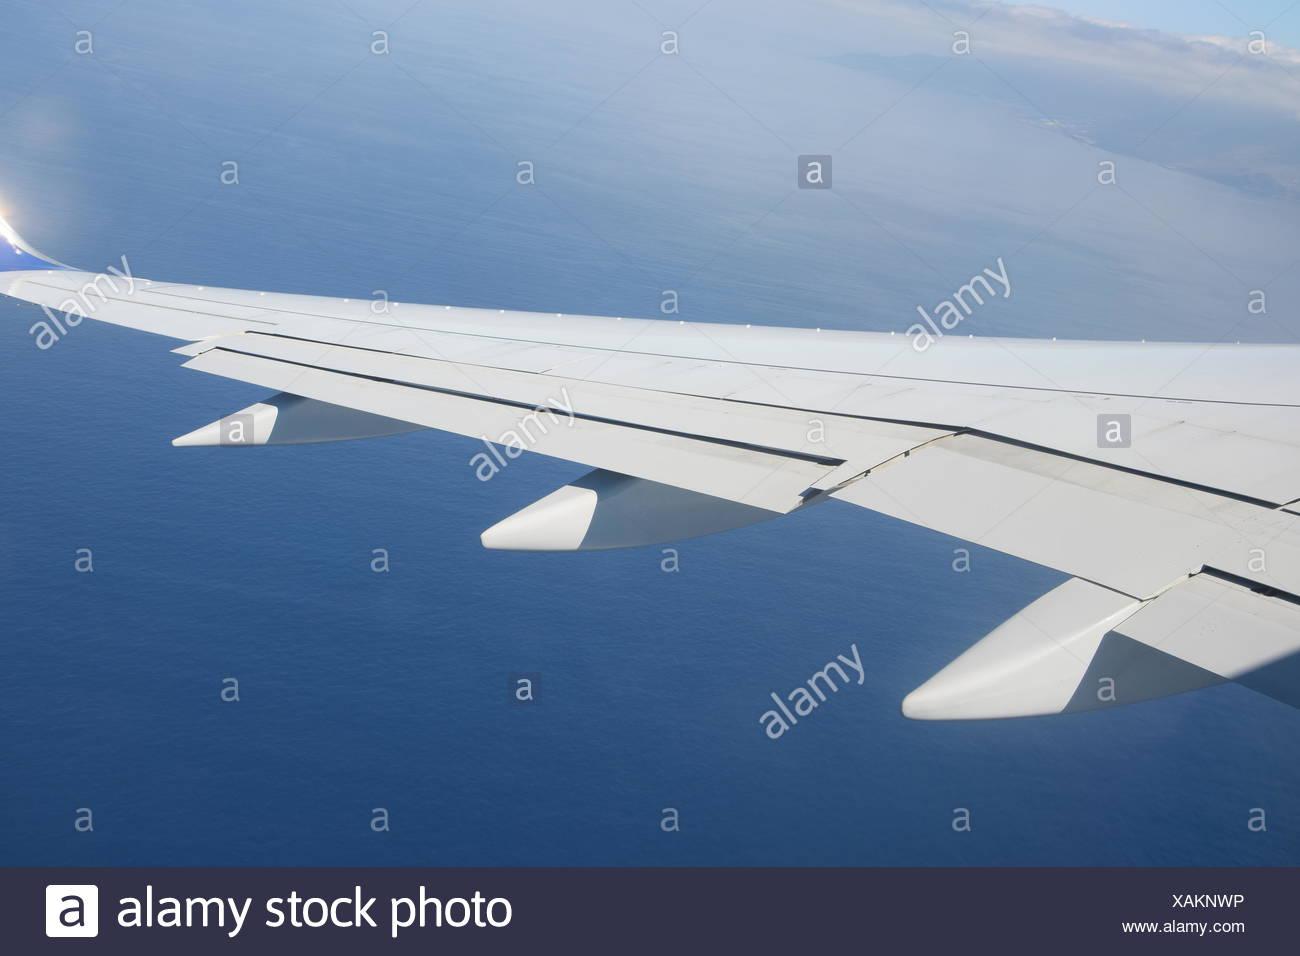 flugzeug, flug, fliegen, fliegen, reise, urlaub, flugzeugflügel, wolke, wolken, urlaubsreise, flugreise, transport, verkehr, luft Stock Photo